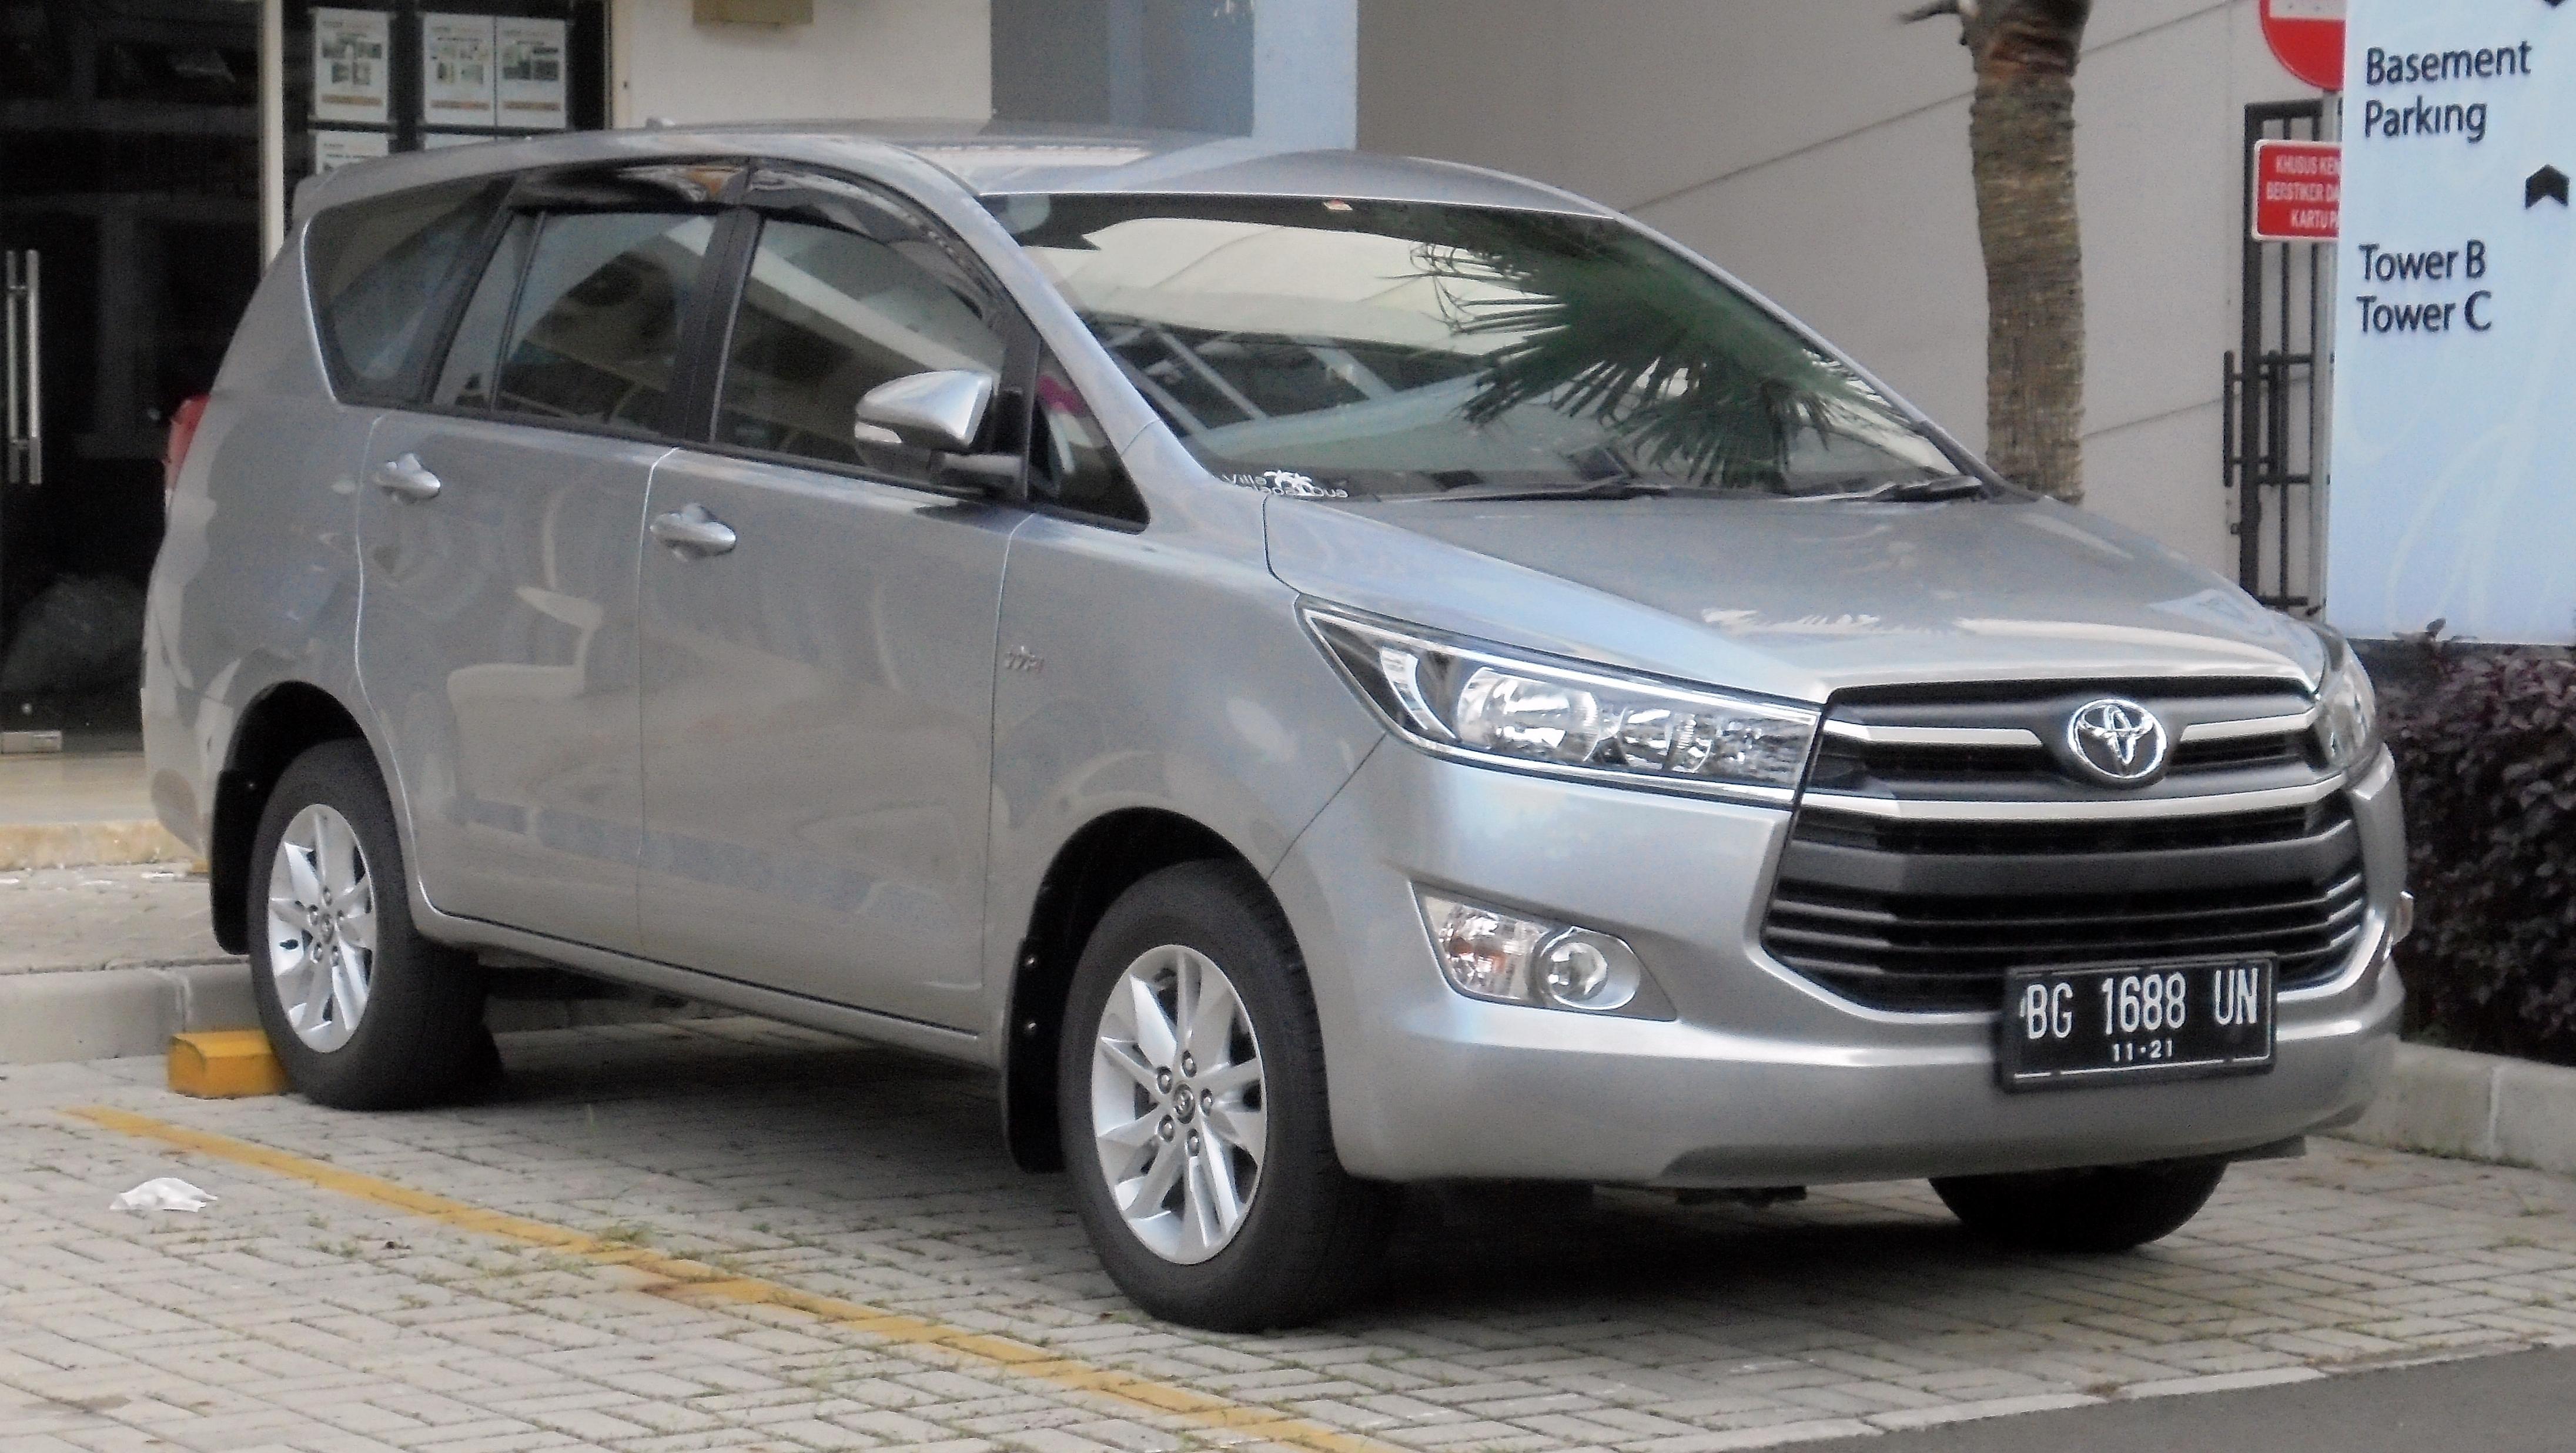 File:2016 Toyota Kijang Innova 2.0 G Wagon (TGN140R; 12-15